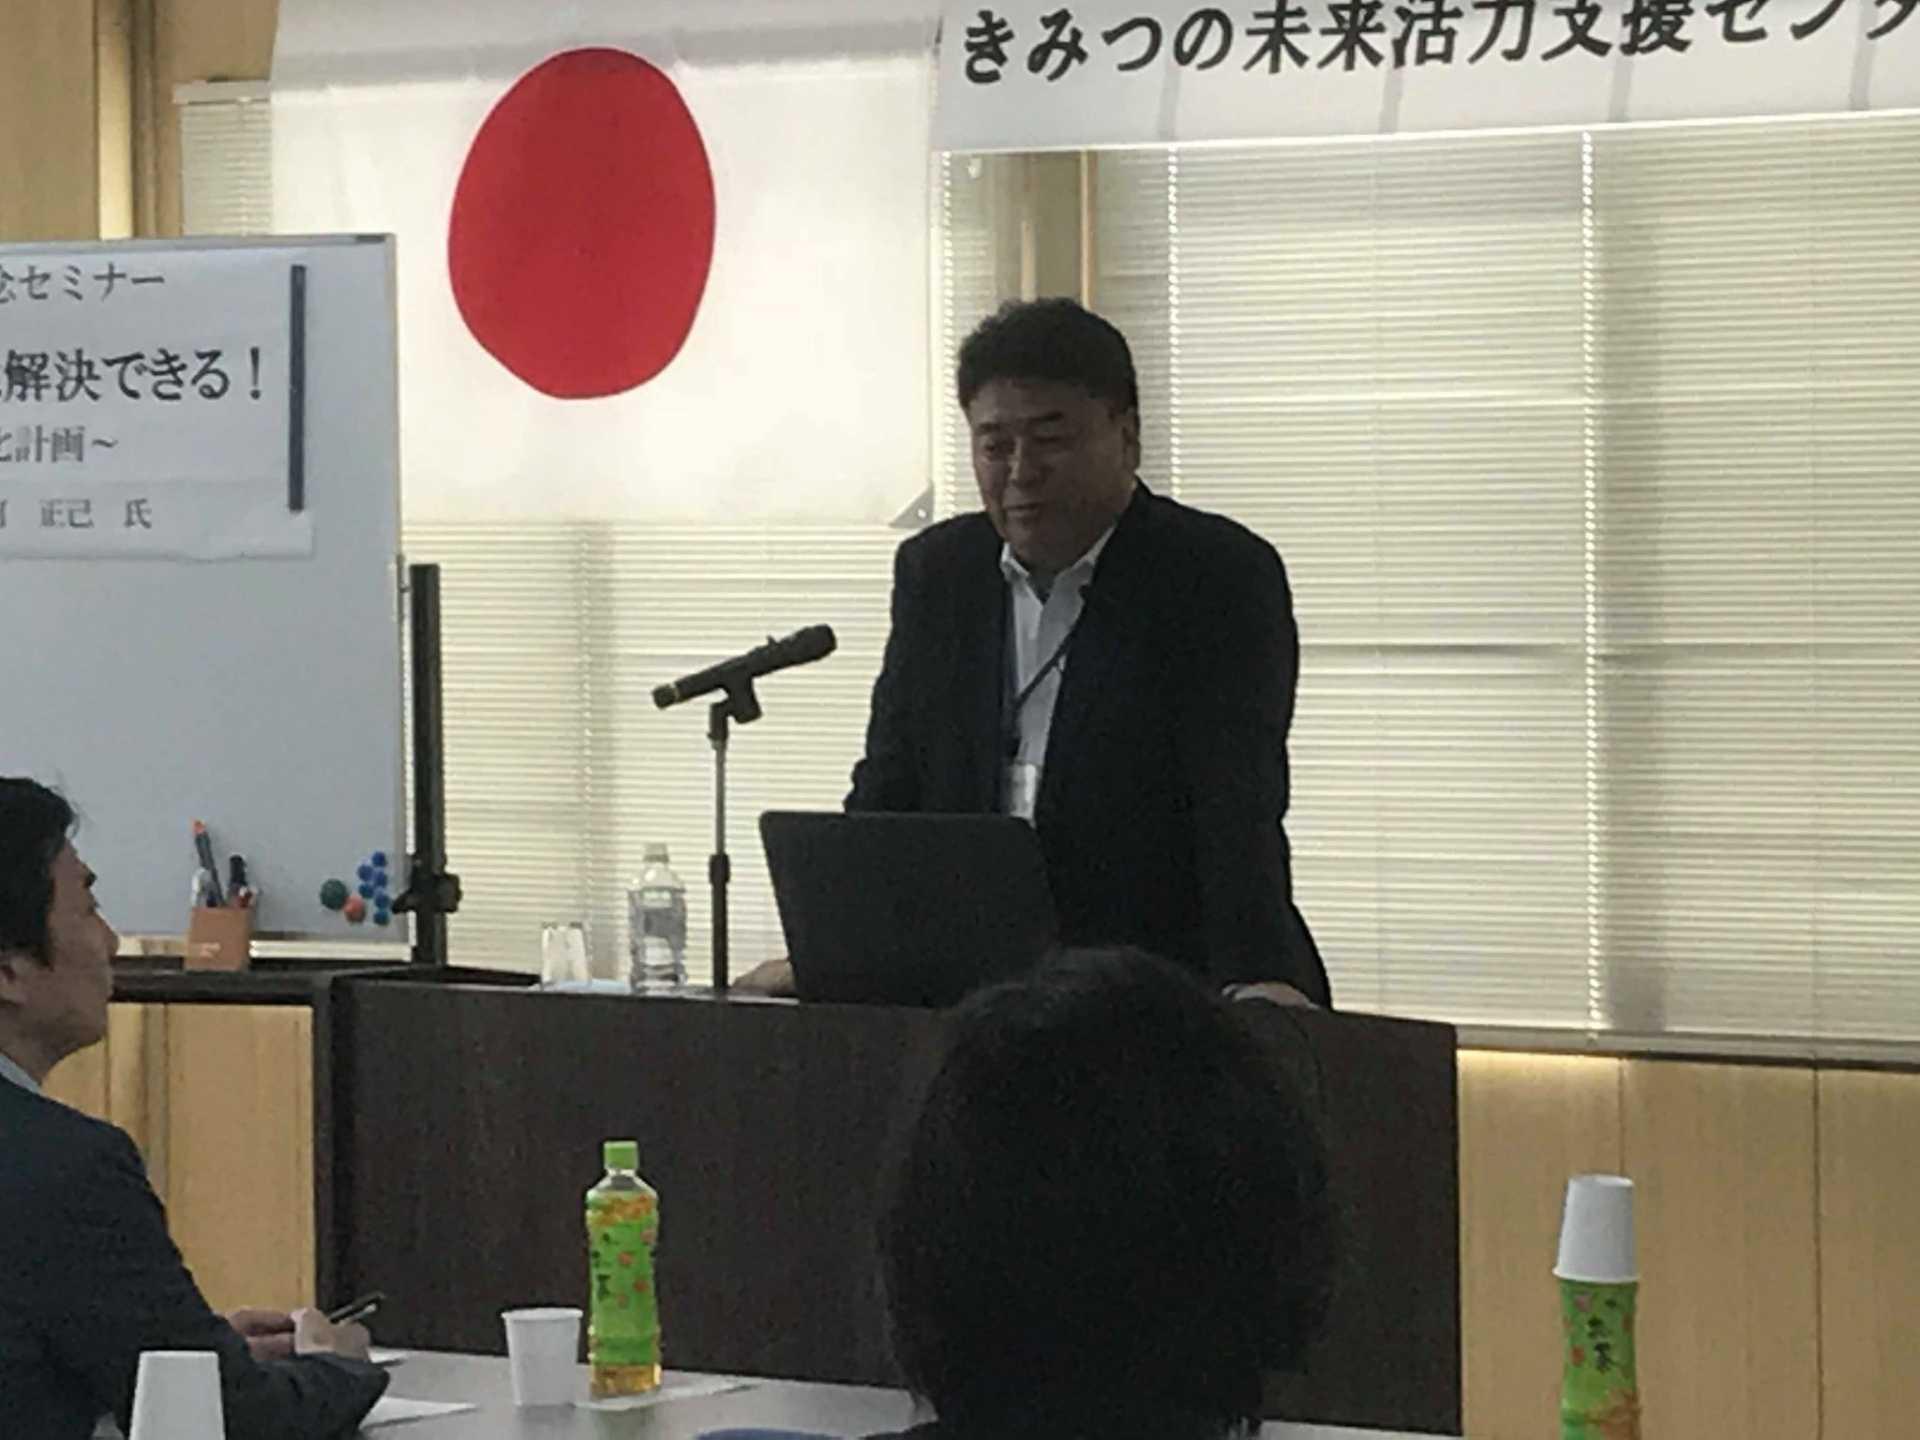 2018年9月27日きみつの未来活力支援センター開所式記念講演